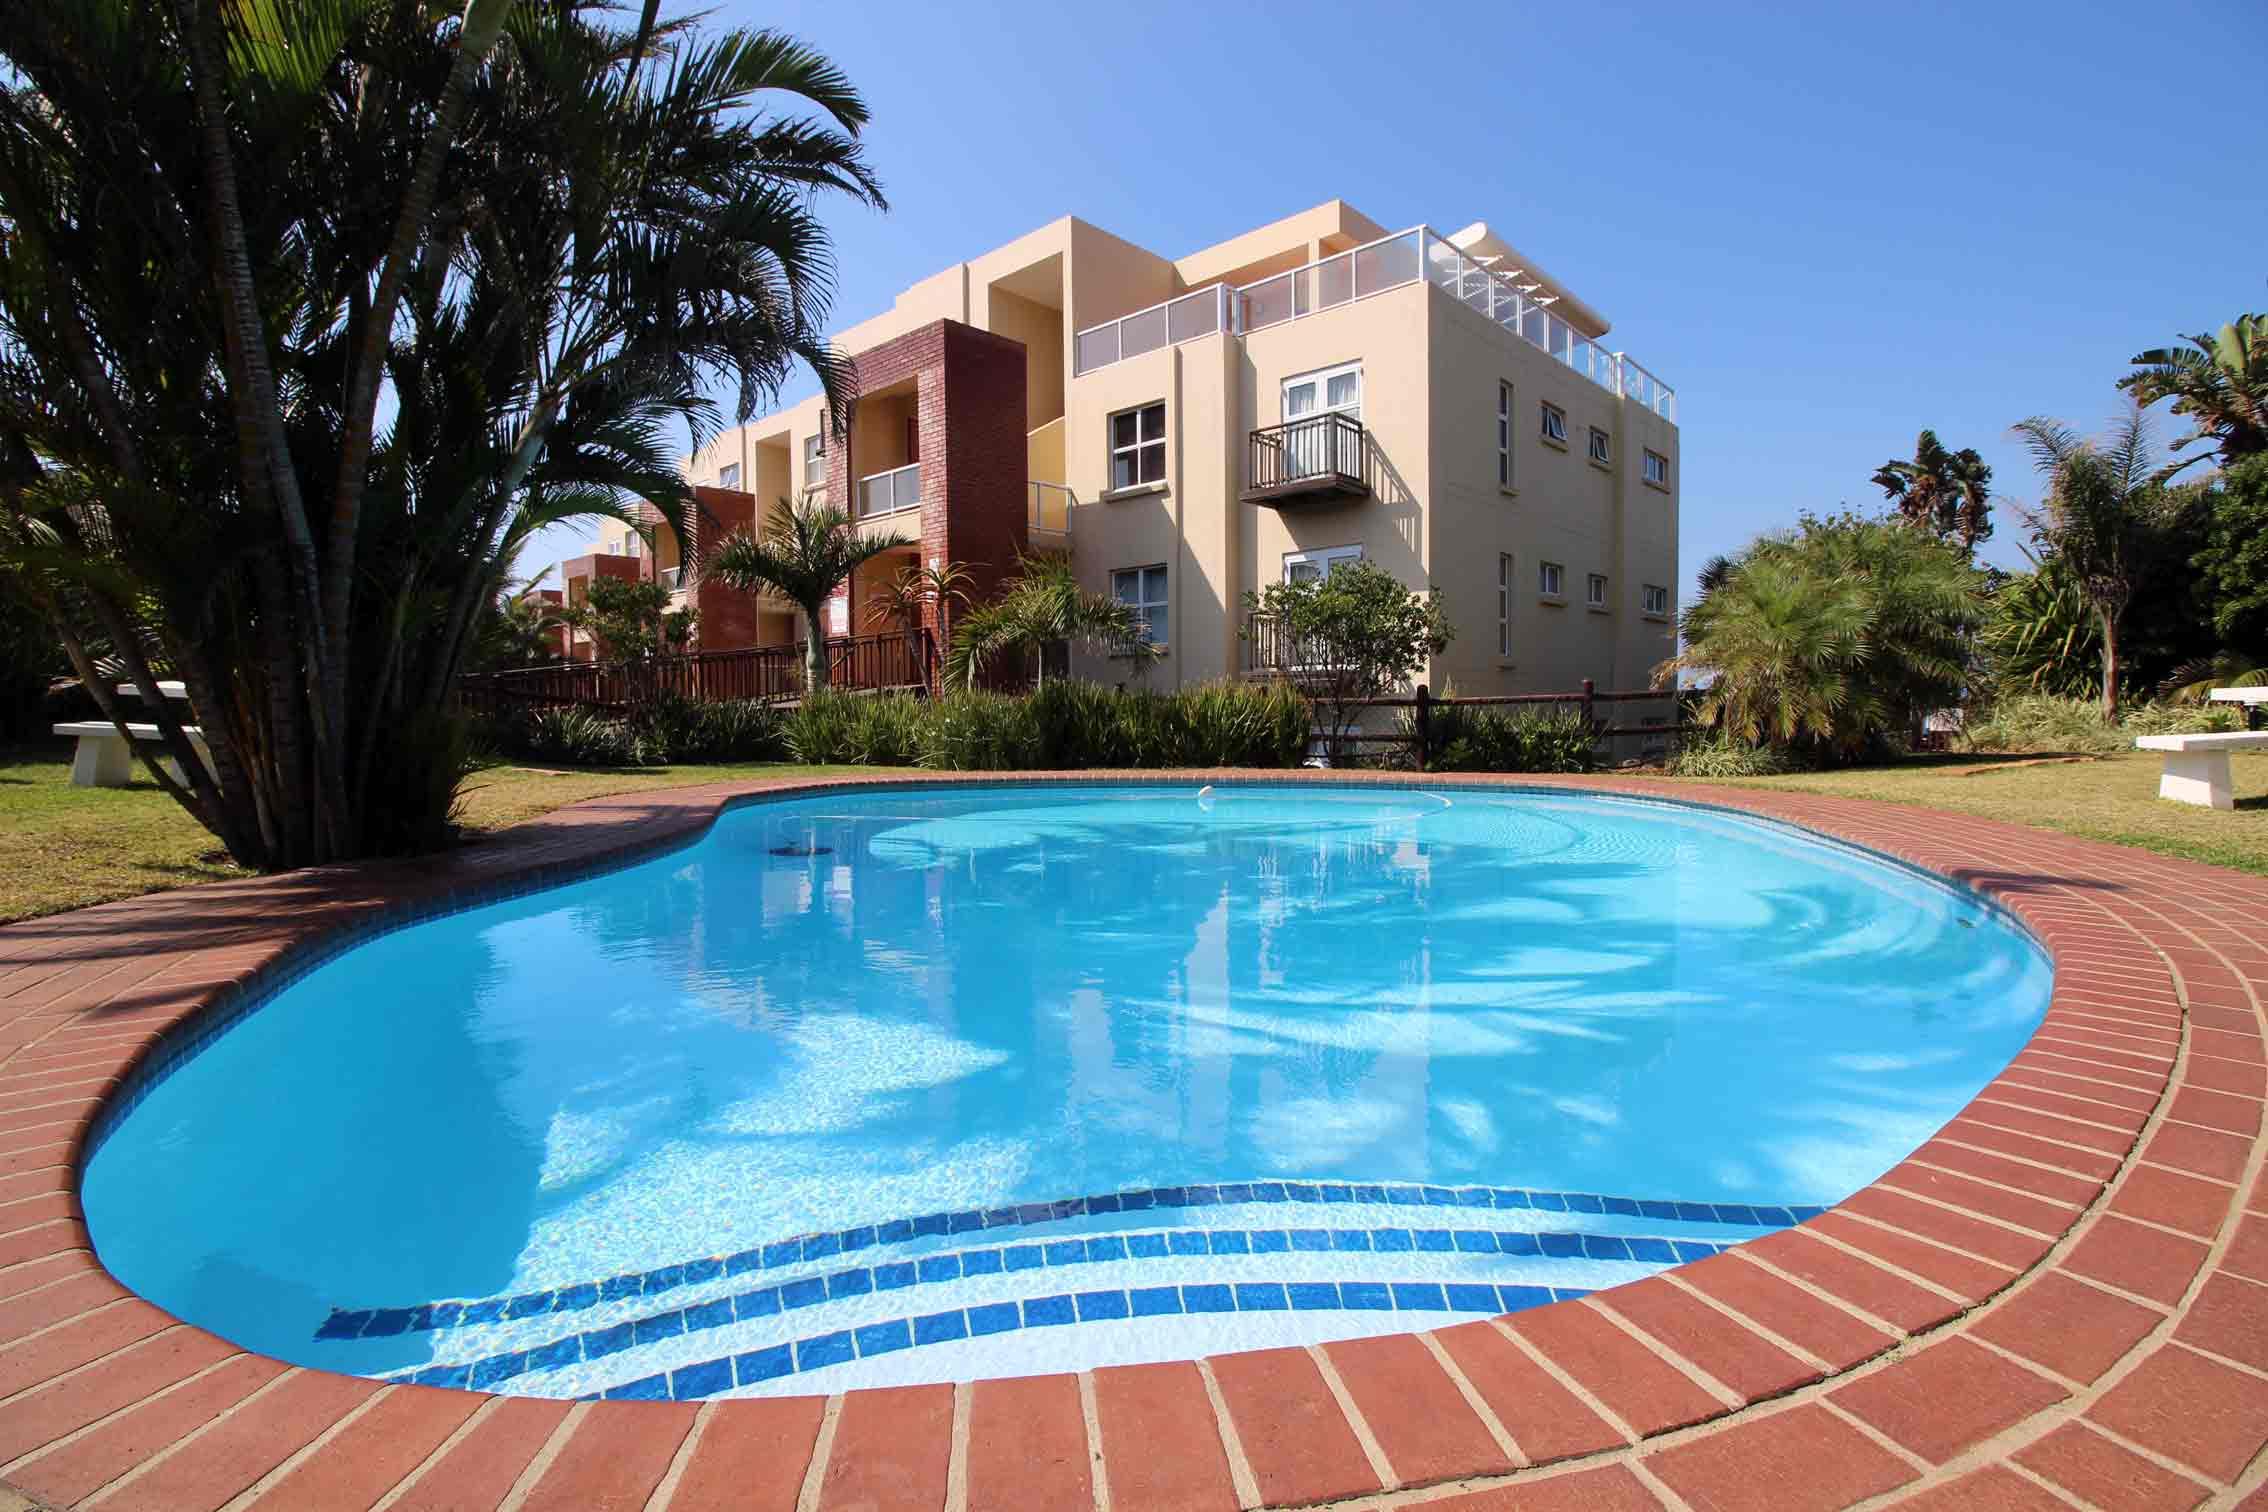 Penthouse on Margate seafront - Balooga 9 - 8 Sleeper